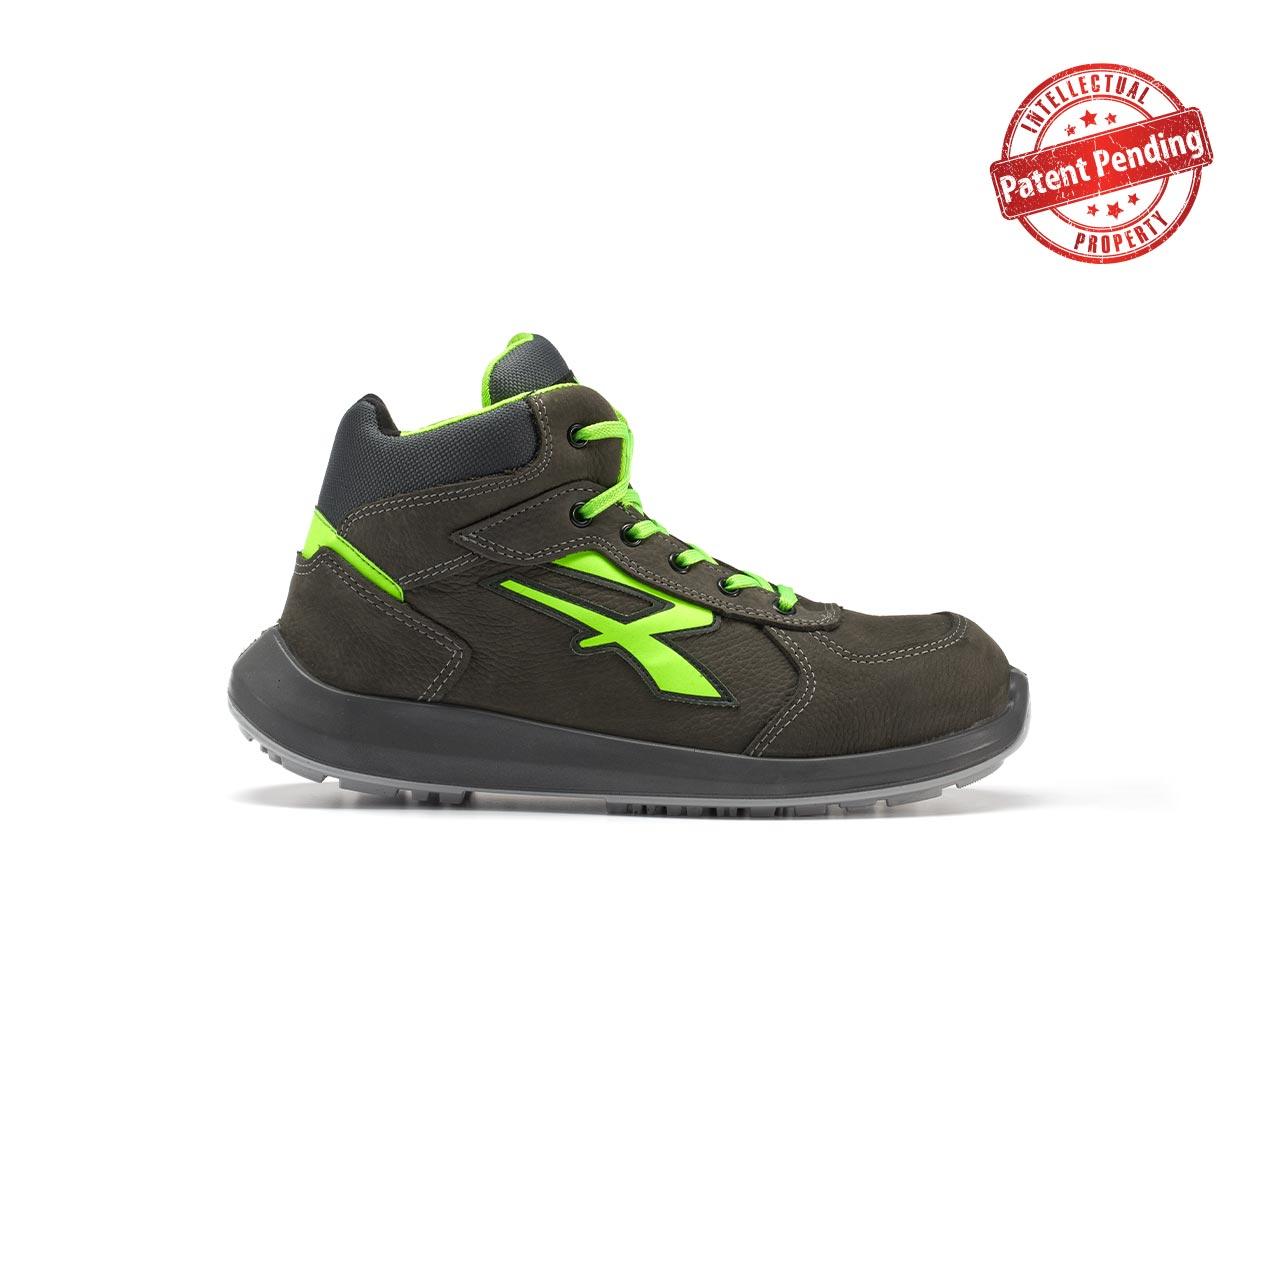 calzatura da lavoro alta upower modello aries linea redup vista lato destro